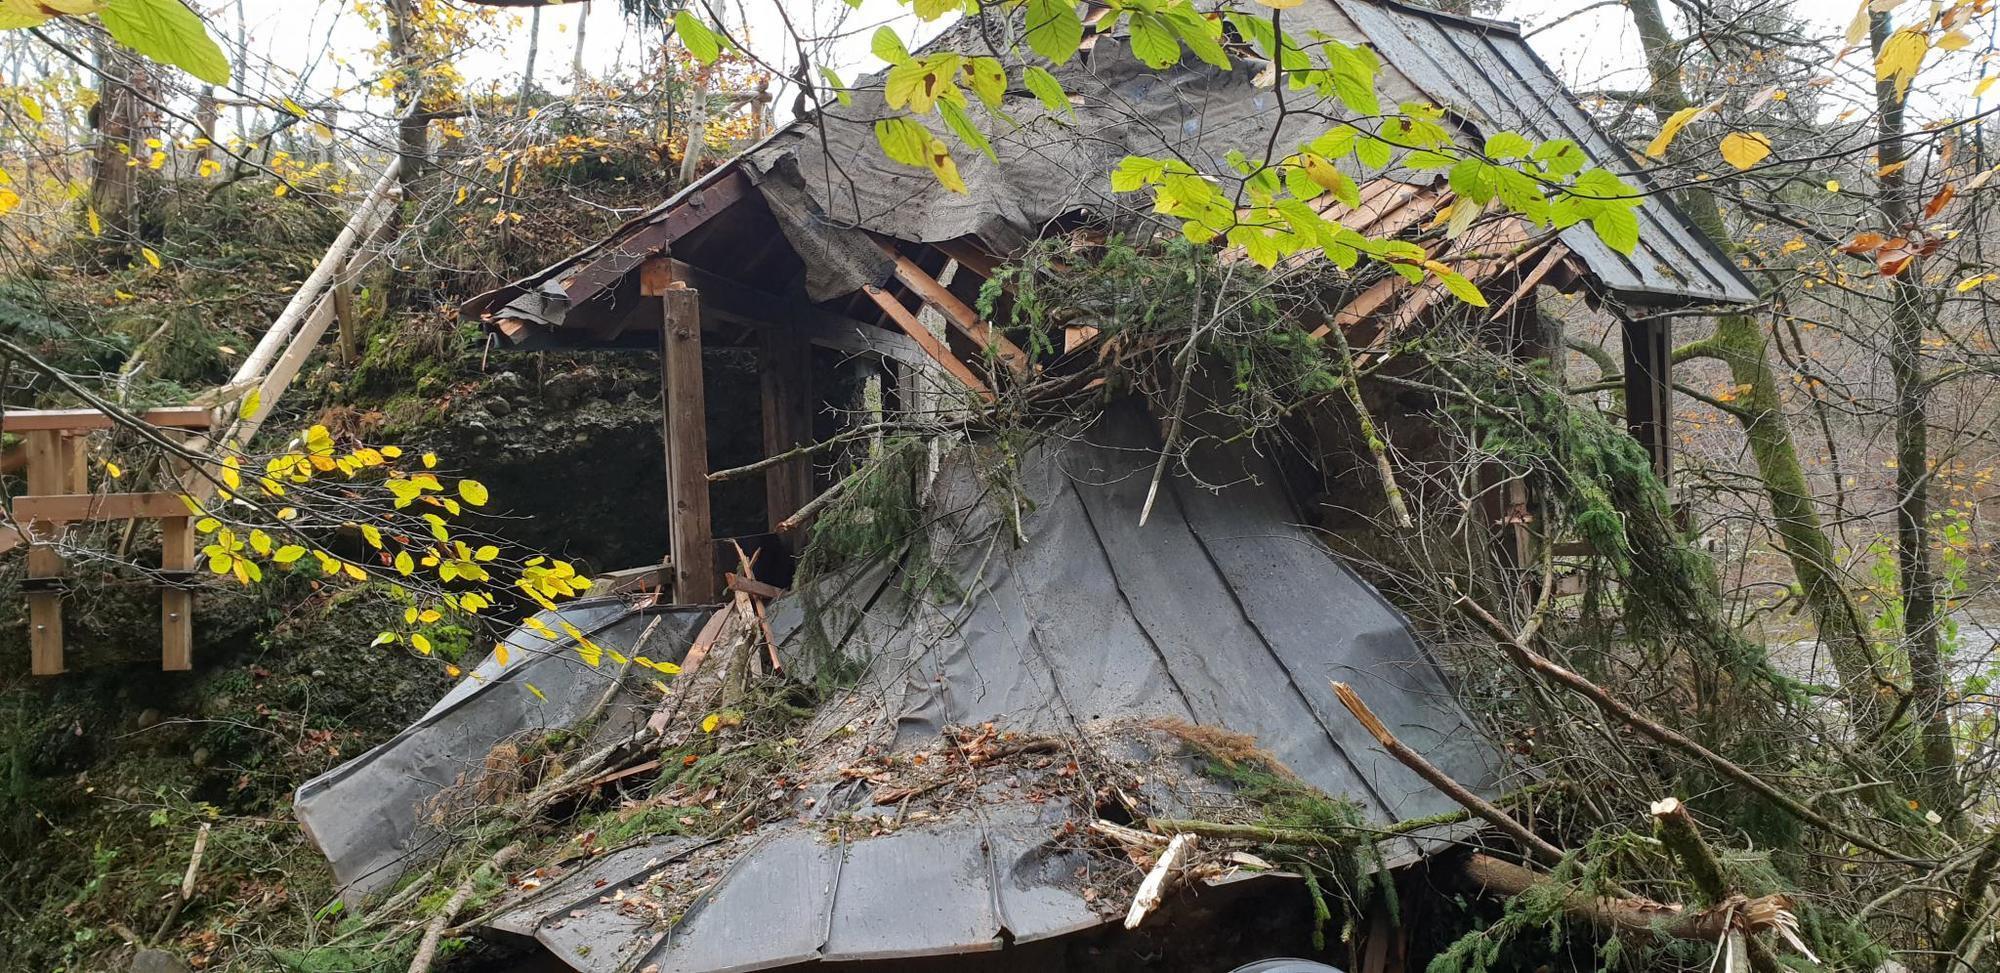 Schadensaufnahme an Klobensteinkapelle beginnt im April